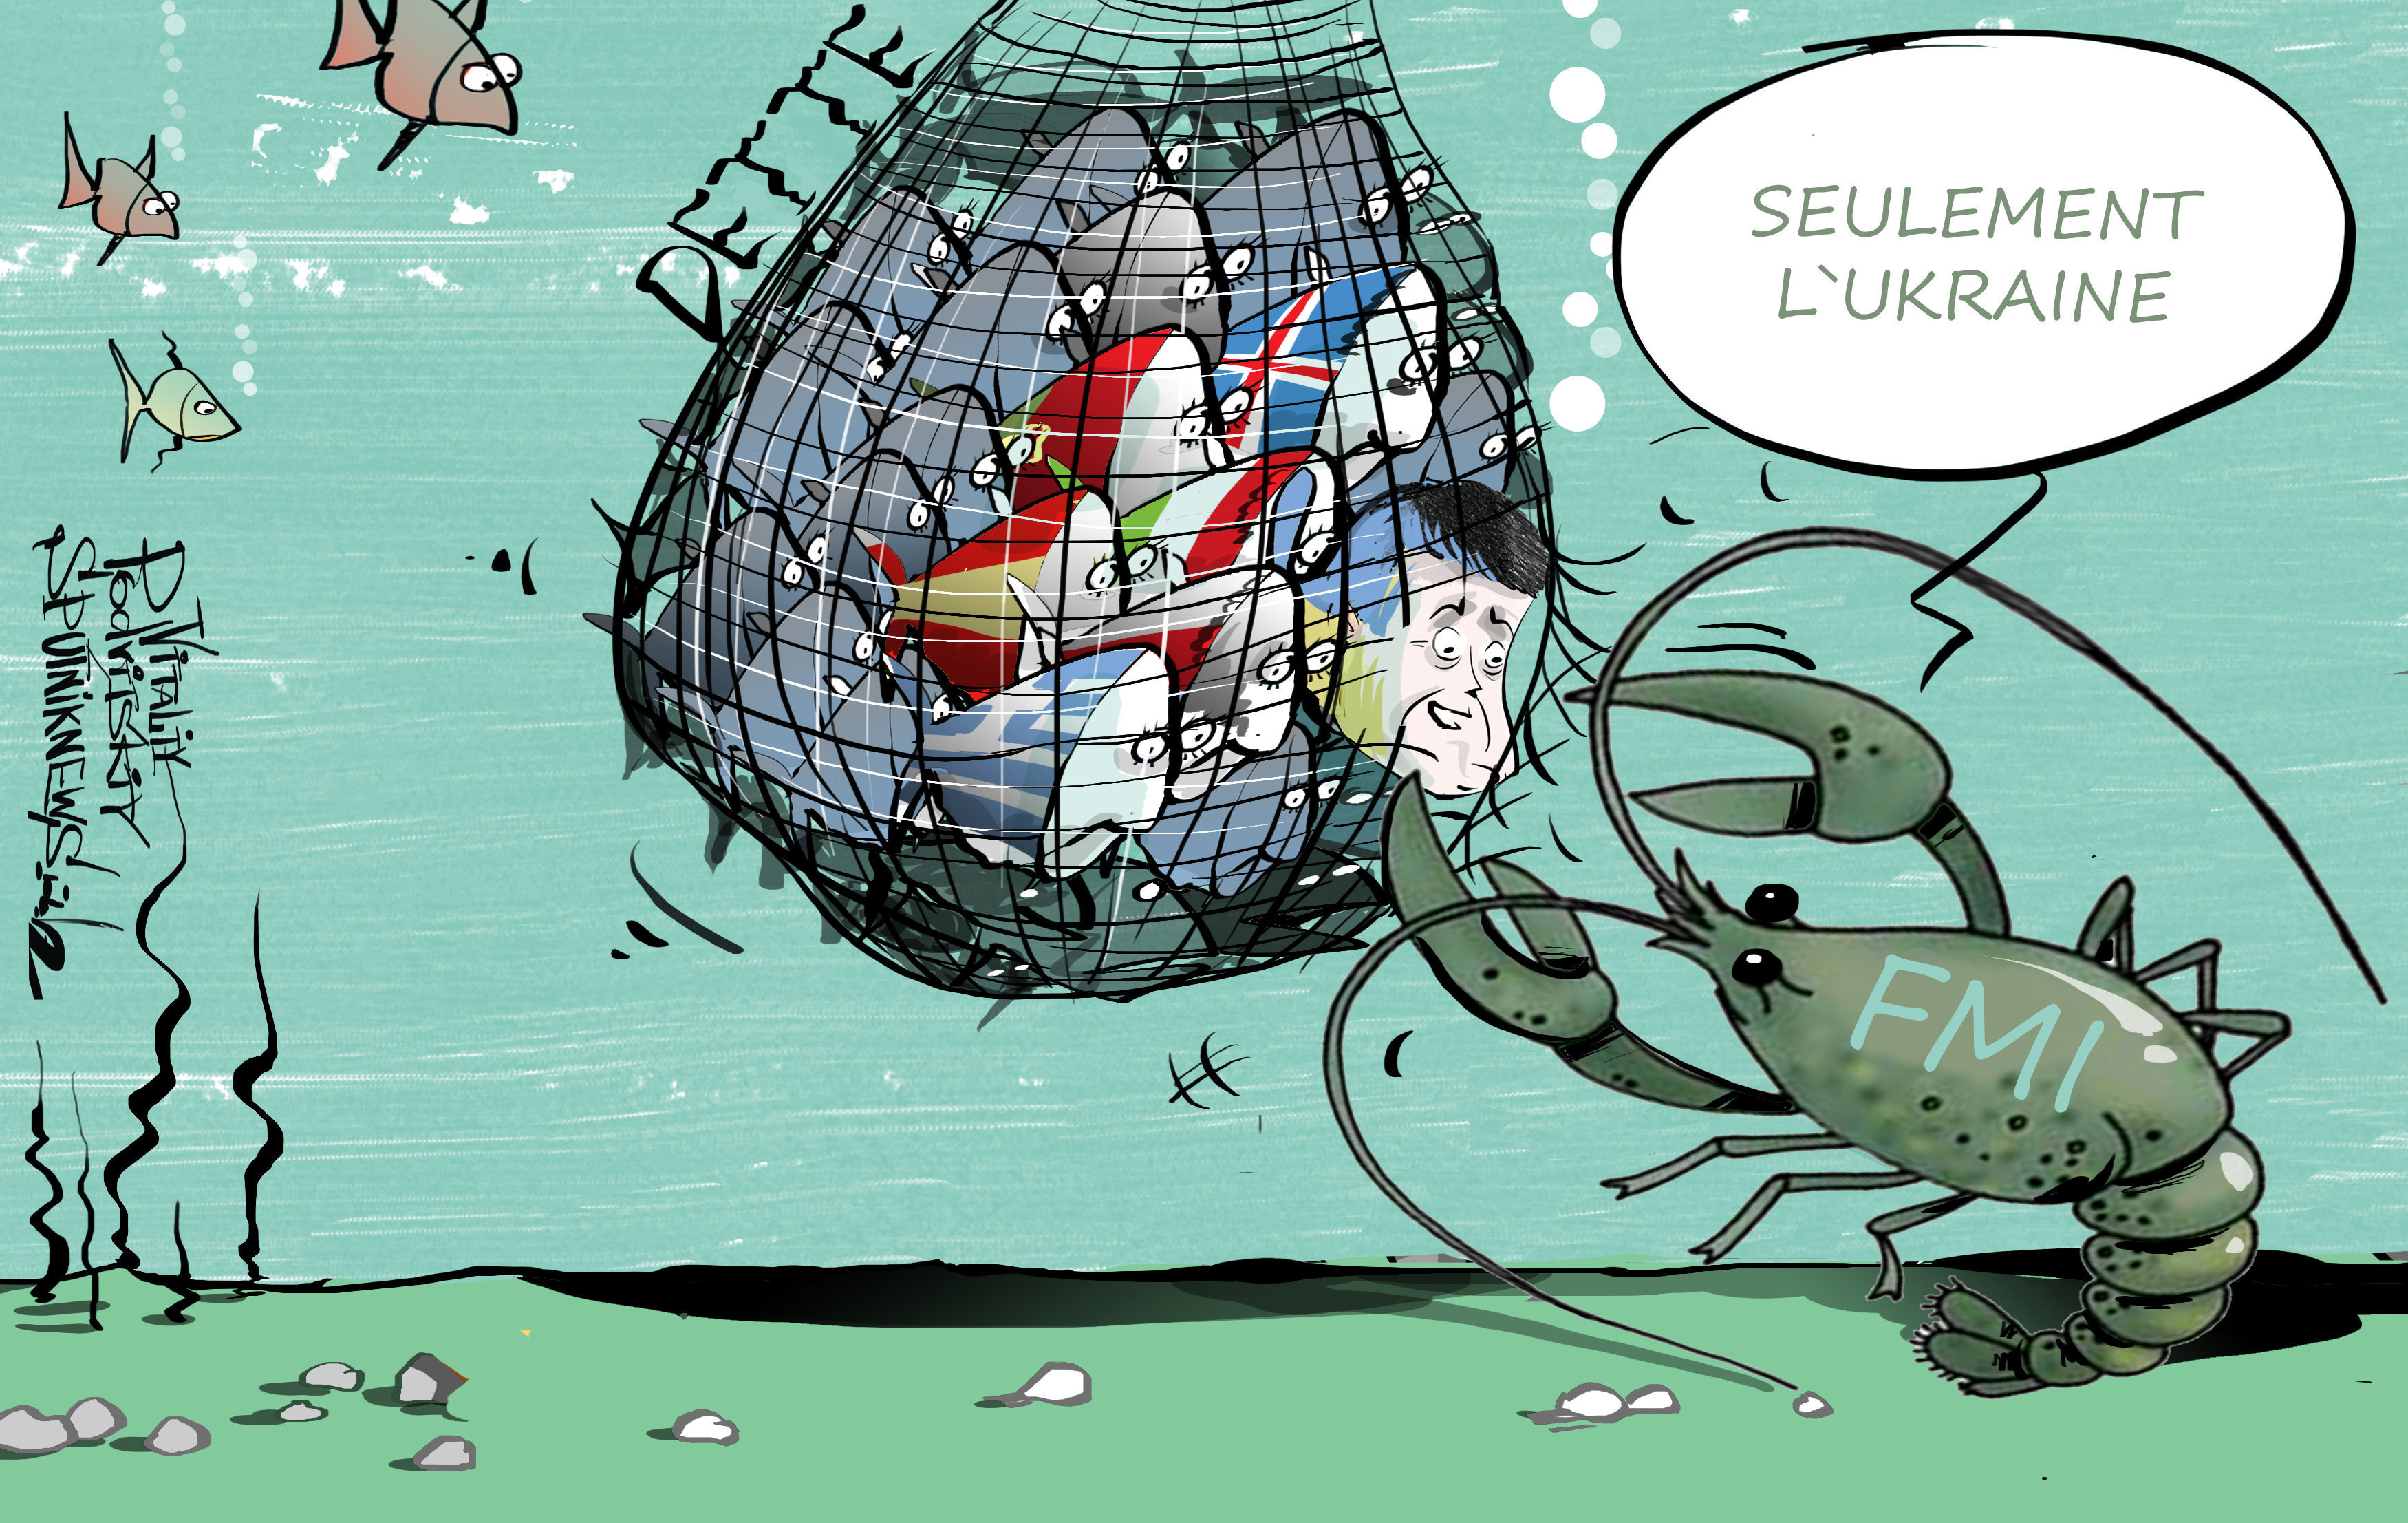 Le FMI doit modifier ses règles pour aider l'Ukraine